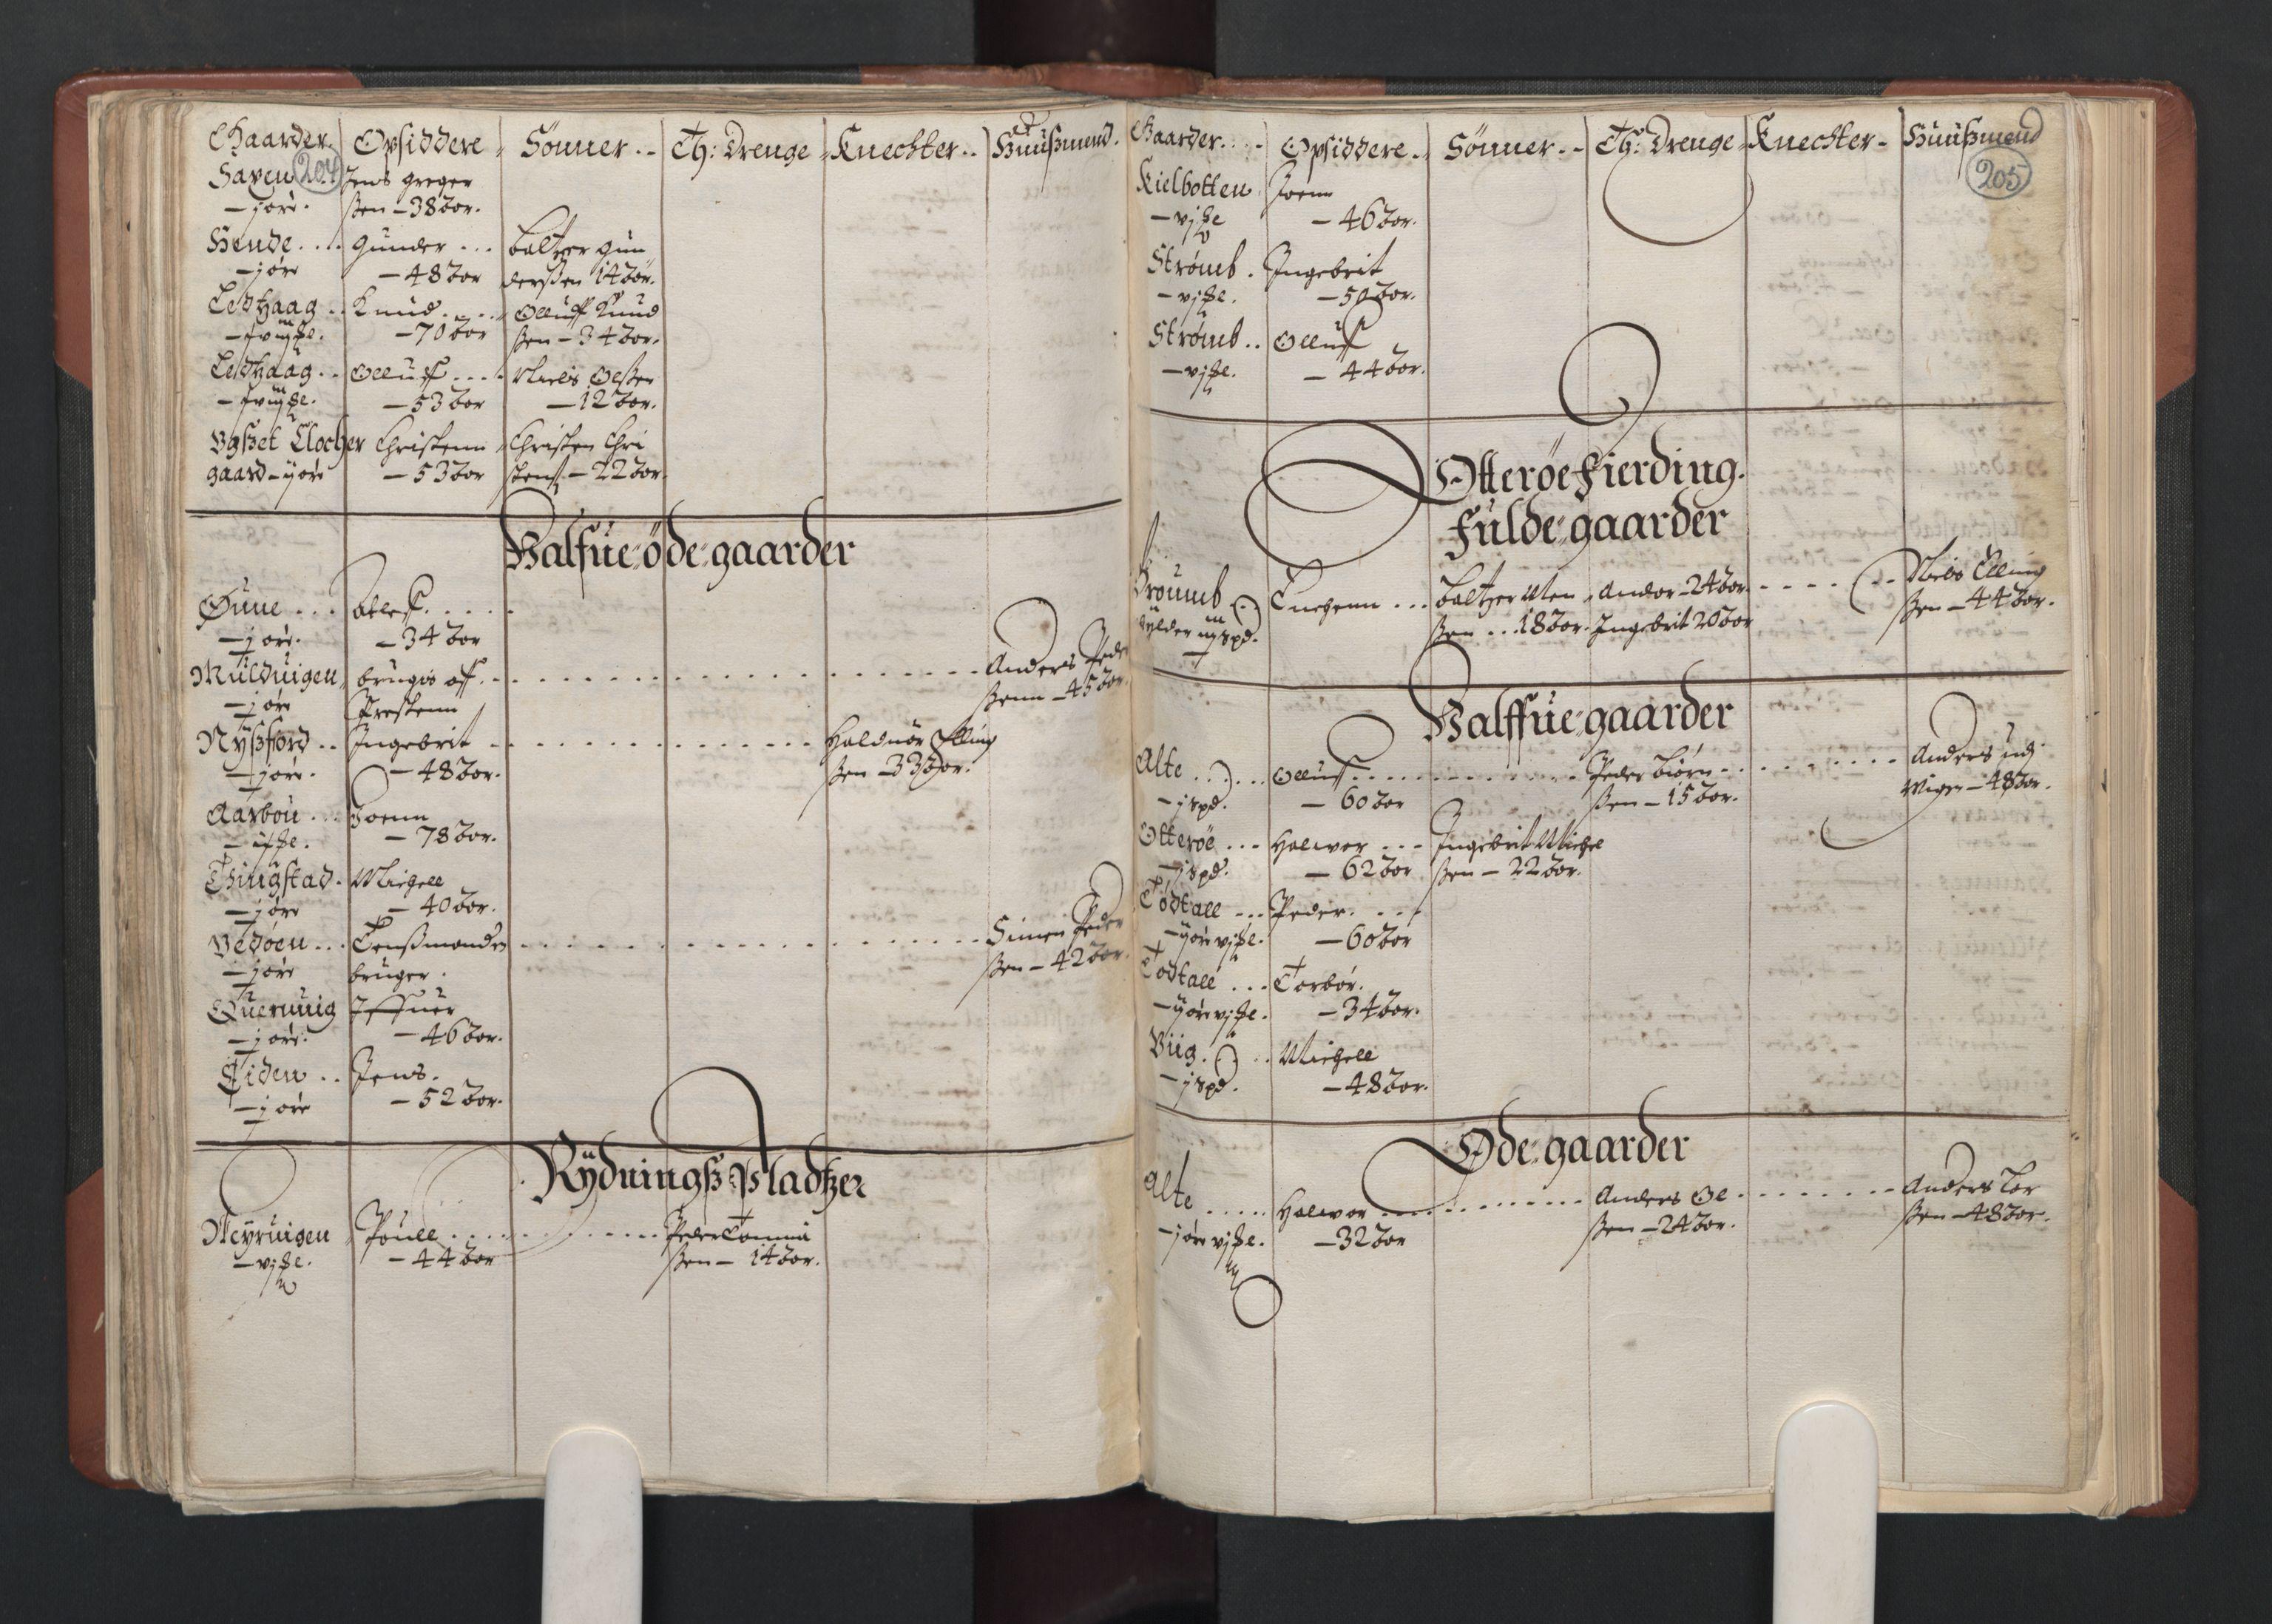 RA, Fogdenes og sorenskrivernes manntall 1664-1666, nr. 19: Fosen fogderi, Inderøy fogderi, Selbu fogderi, Namdal fogderi og Stjørdal fogderi, 1664-1665, s. 204-205